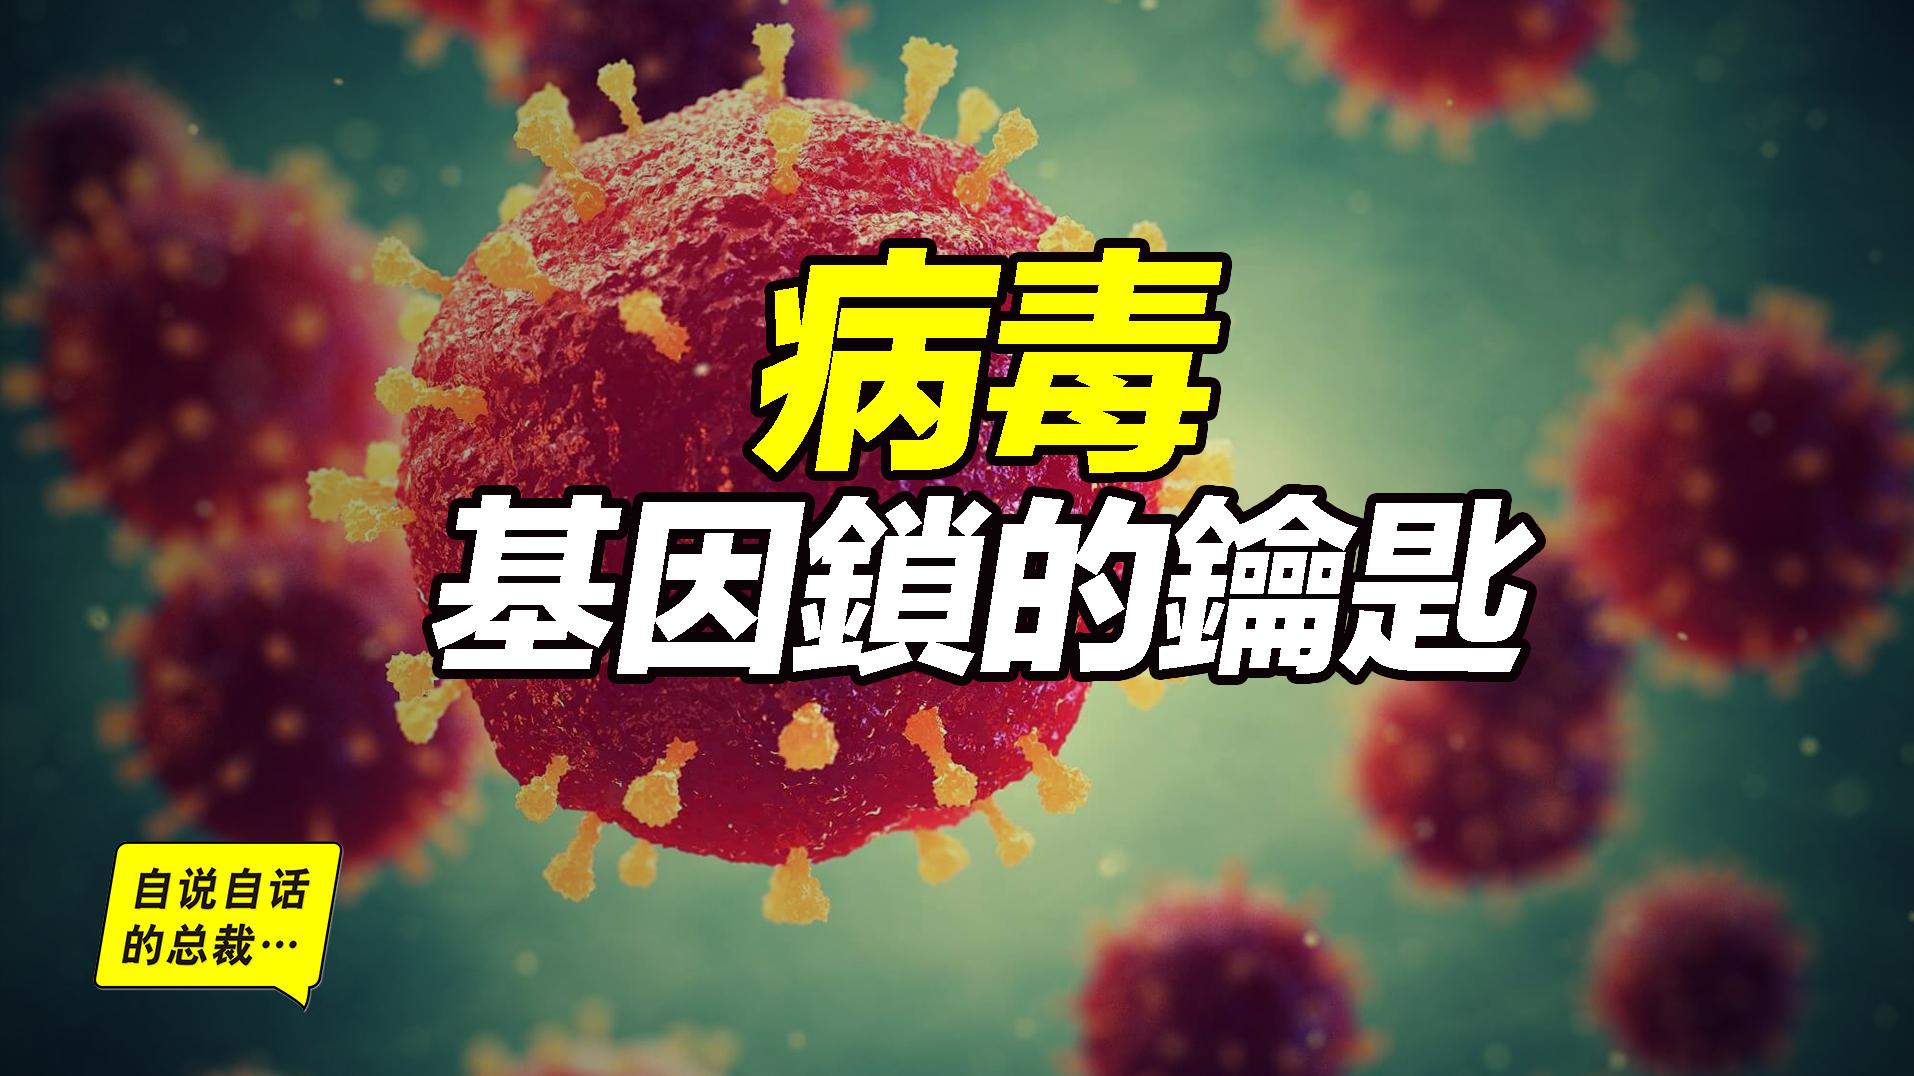 病毒,或许才是这个星球的主人